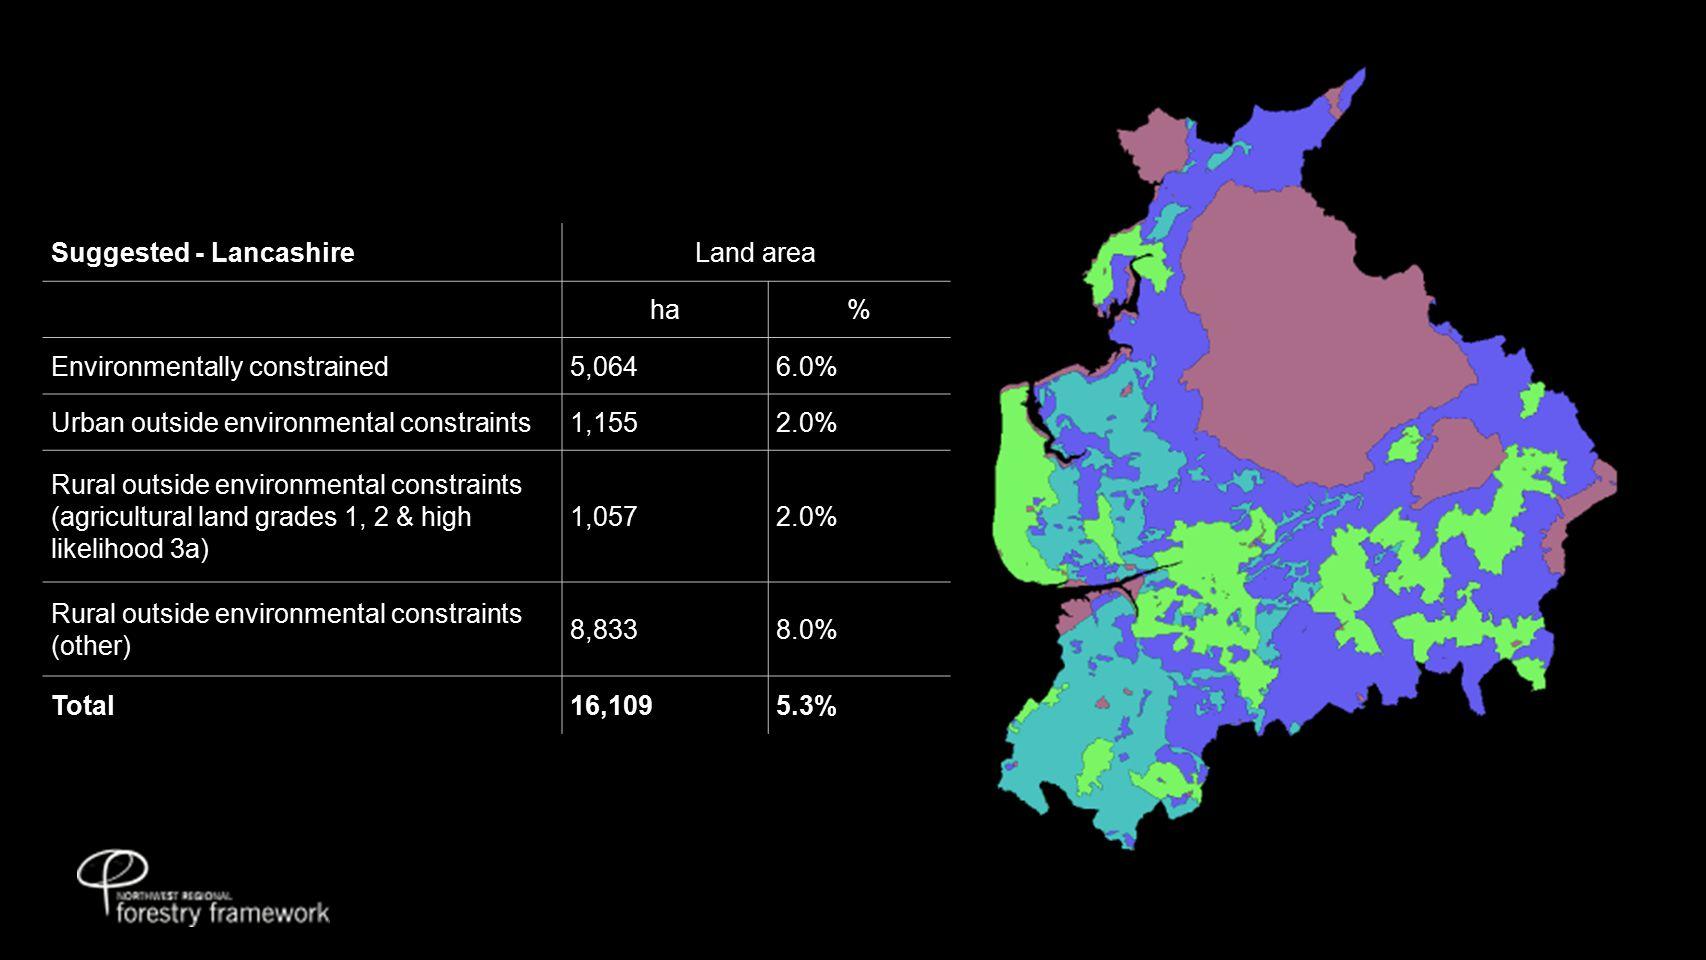 Suggested - LancashireLand area ha% Environmentally constrained5,0646.0% Urban outside environmental constraints1,1552.0% Rural outside environmental constraints (agricultural land grades 1, 2 & high likelihood 3a) 1,0572.0% Rural outside environmental constraints (other) 8,8338.0% Total16,1095.3%